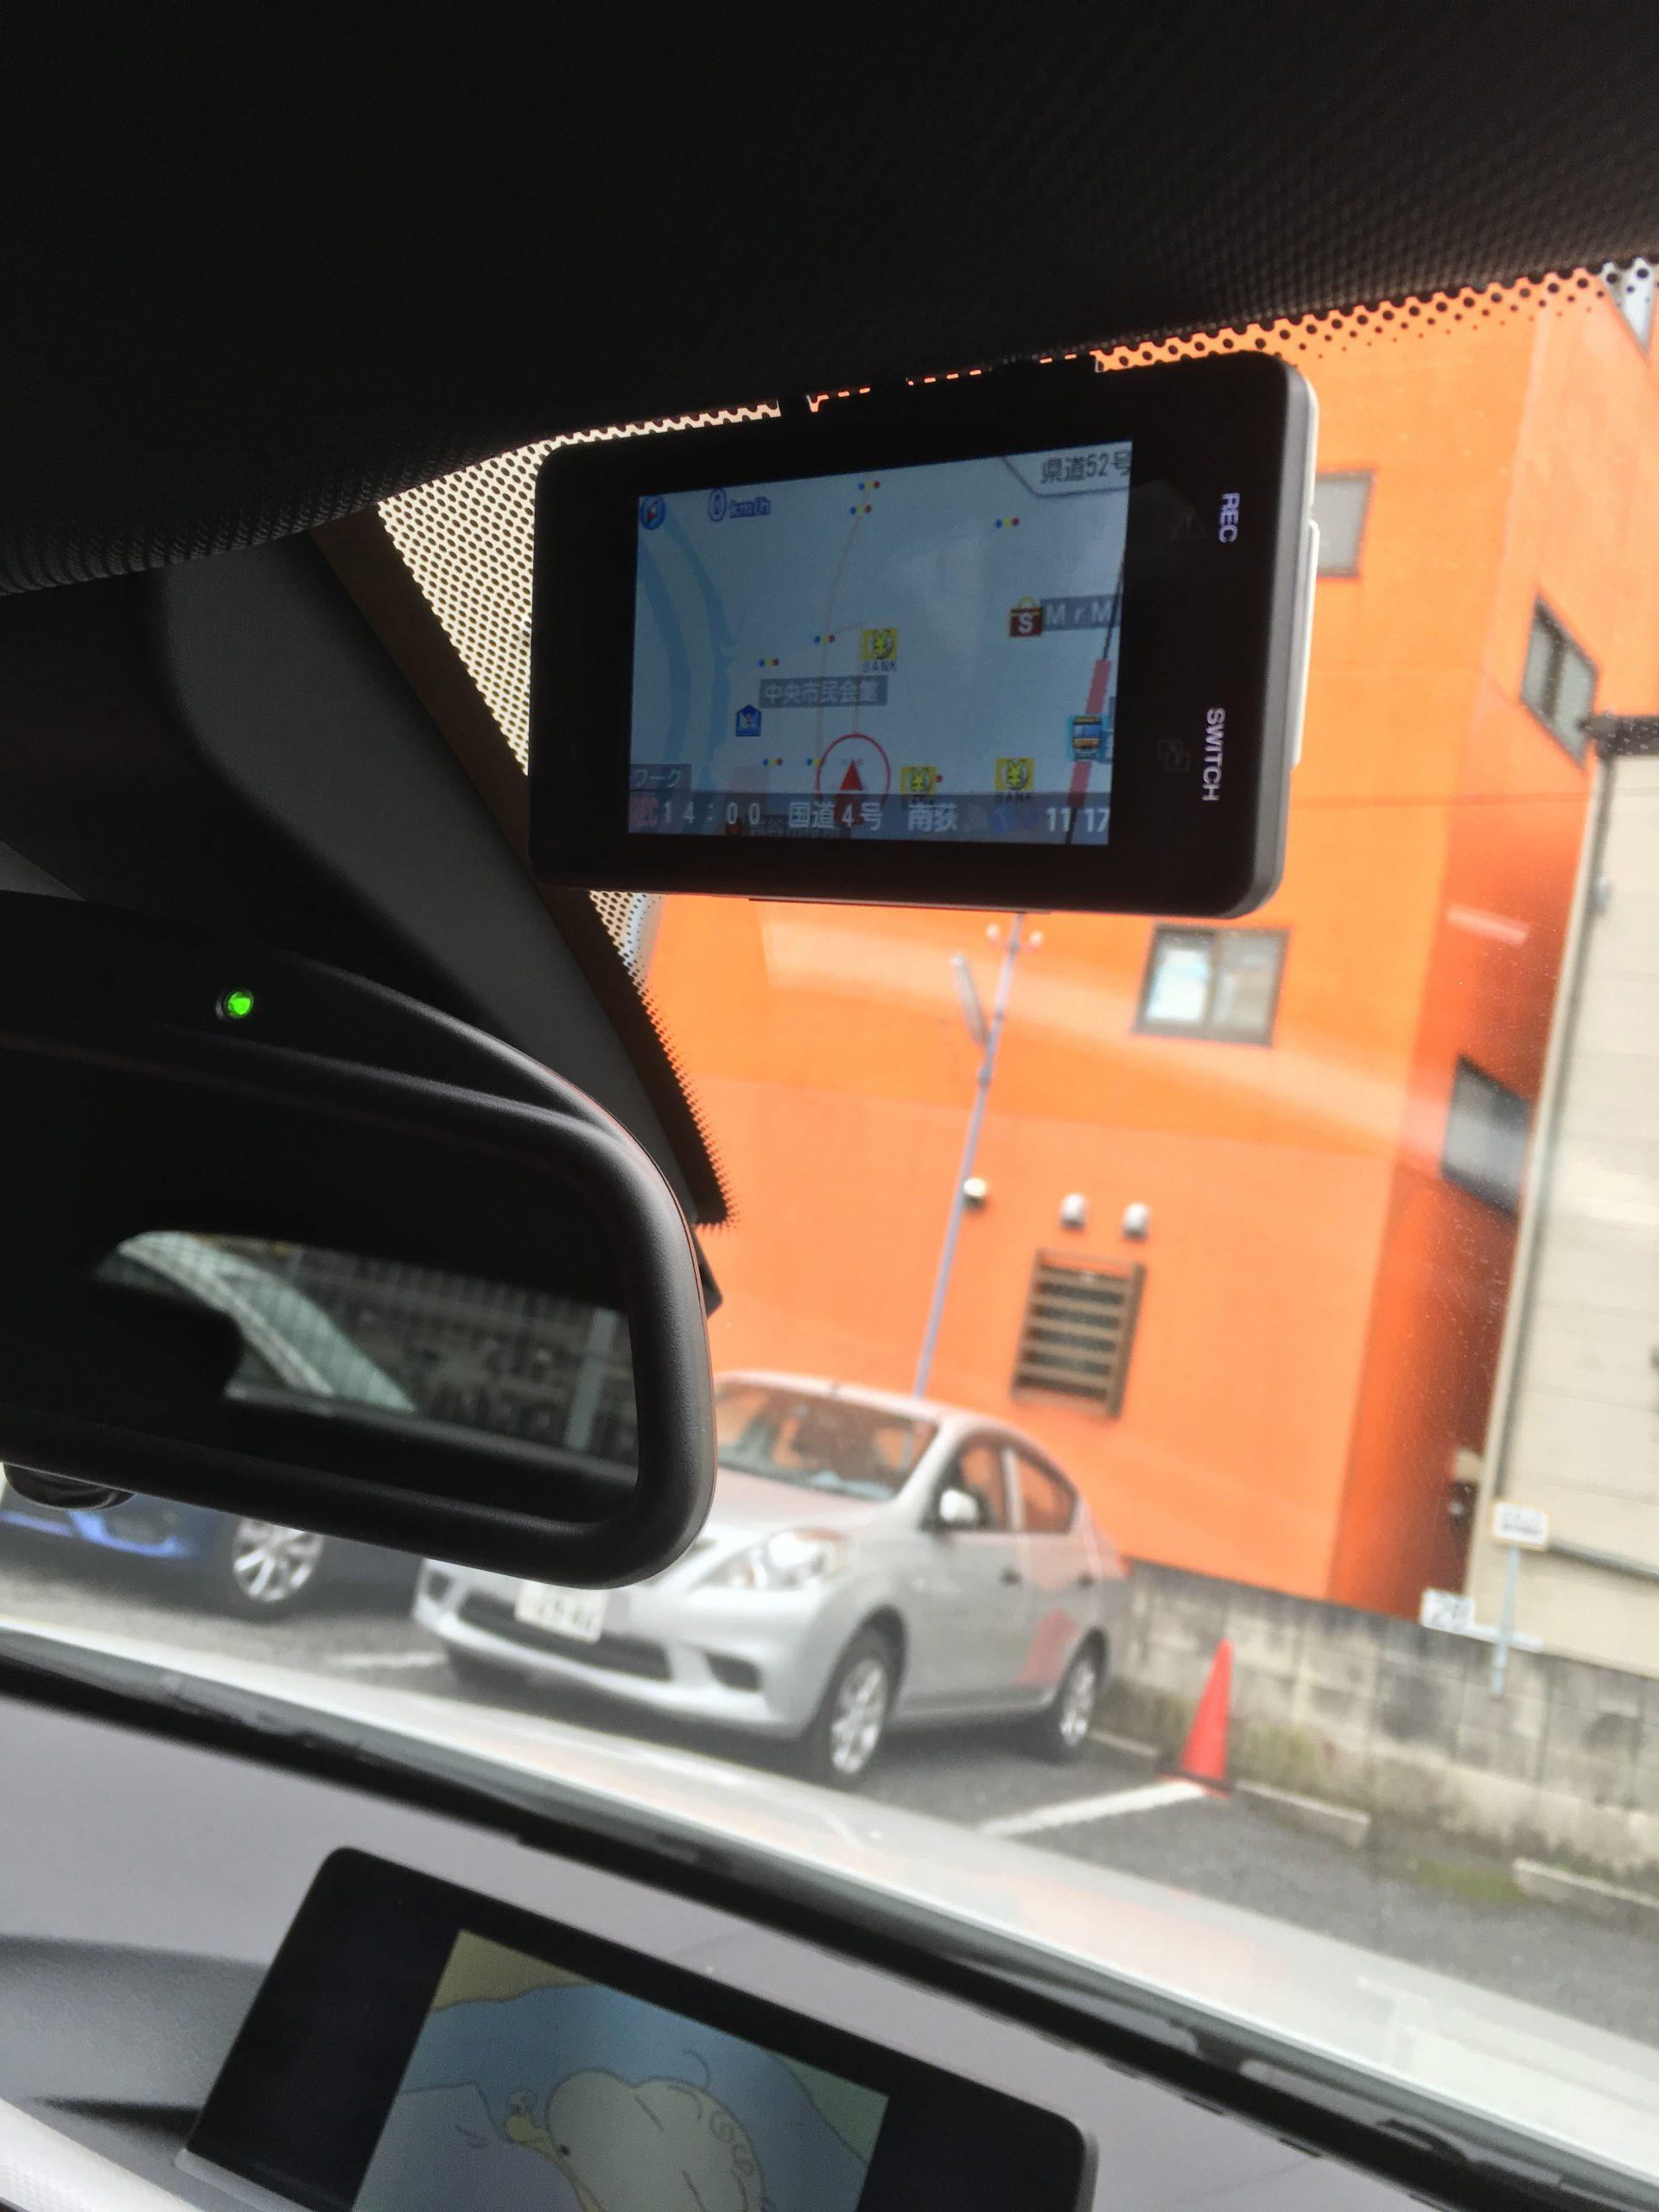 【BMW420i GC】レーダー探知機&ドライブレコーダー取付け【後編】ユピテルZ800DR装着!